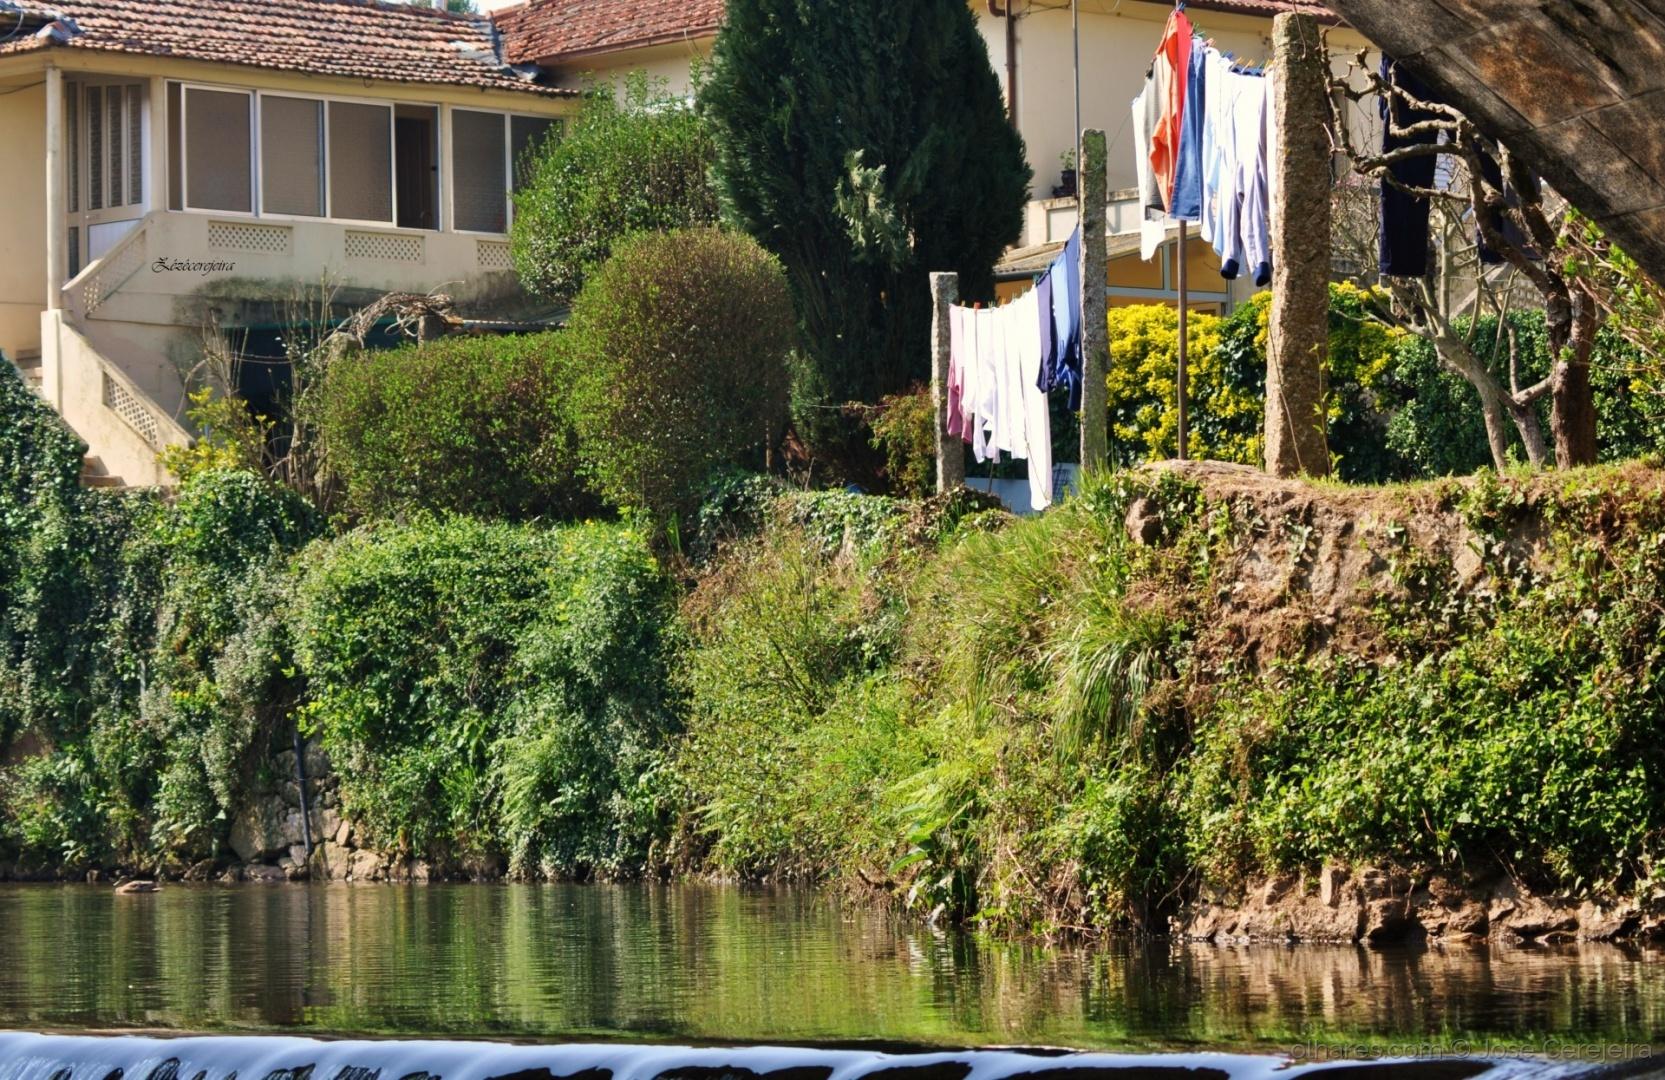 Gentes e Locais/Casa, comida e roupa lavada no rio...